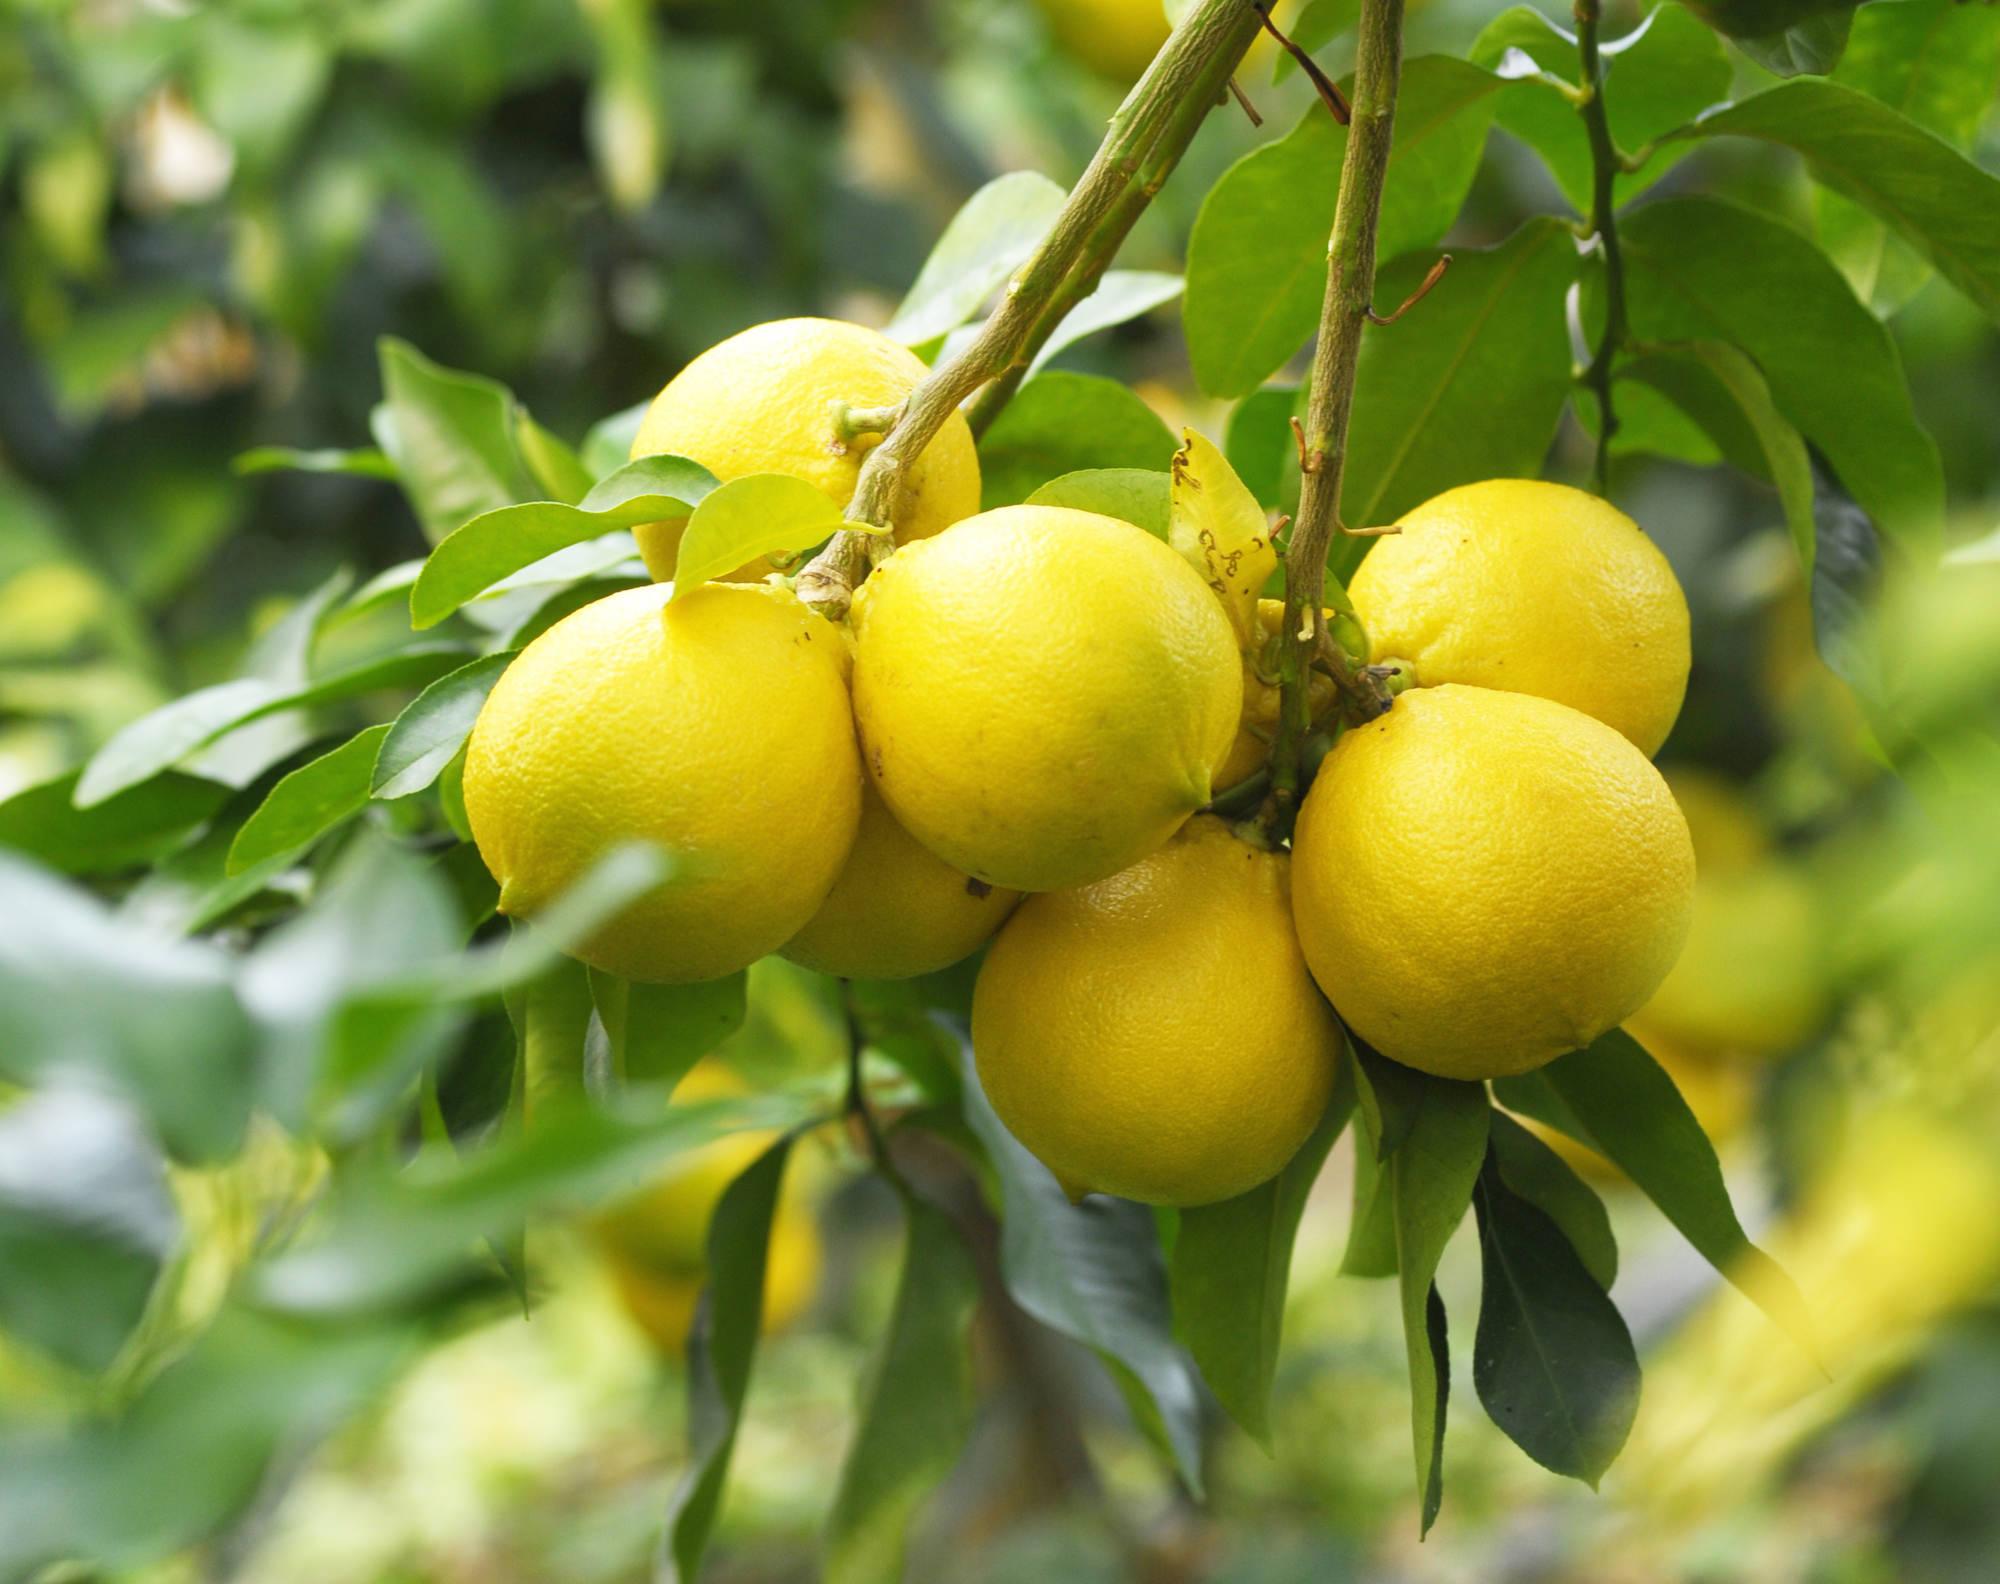 苦節5年。イタリアの柑橘類「ベルガモット」が、土佐に根付くまで_1